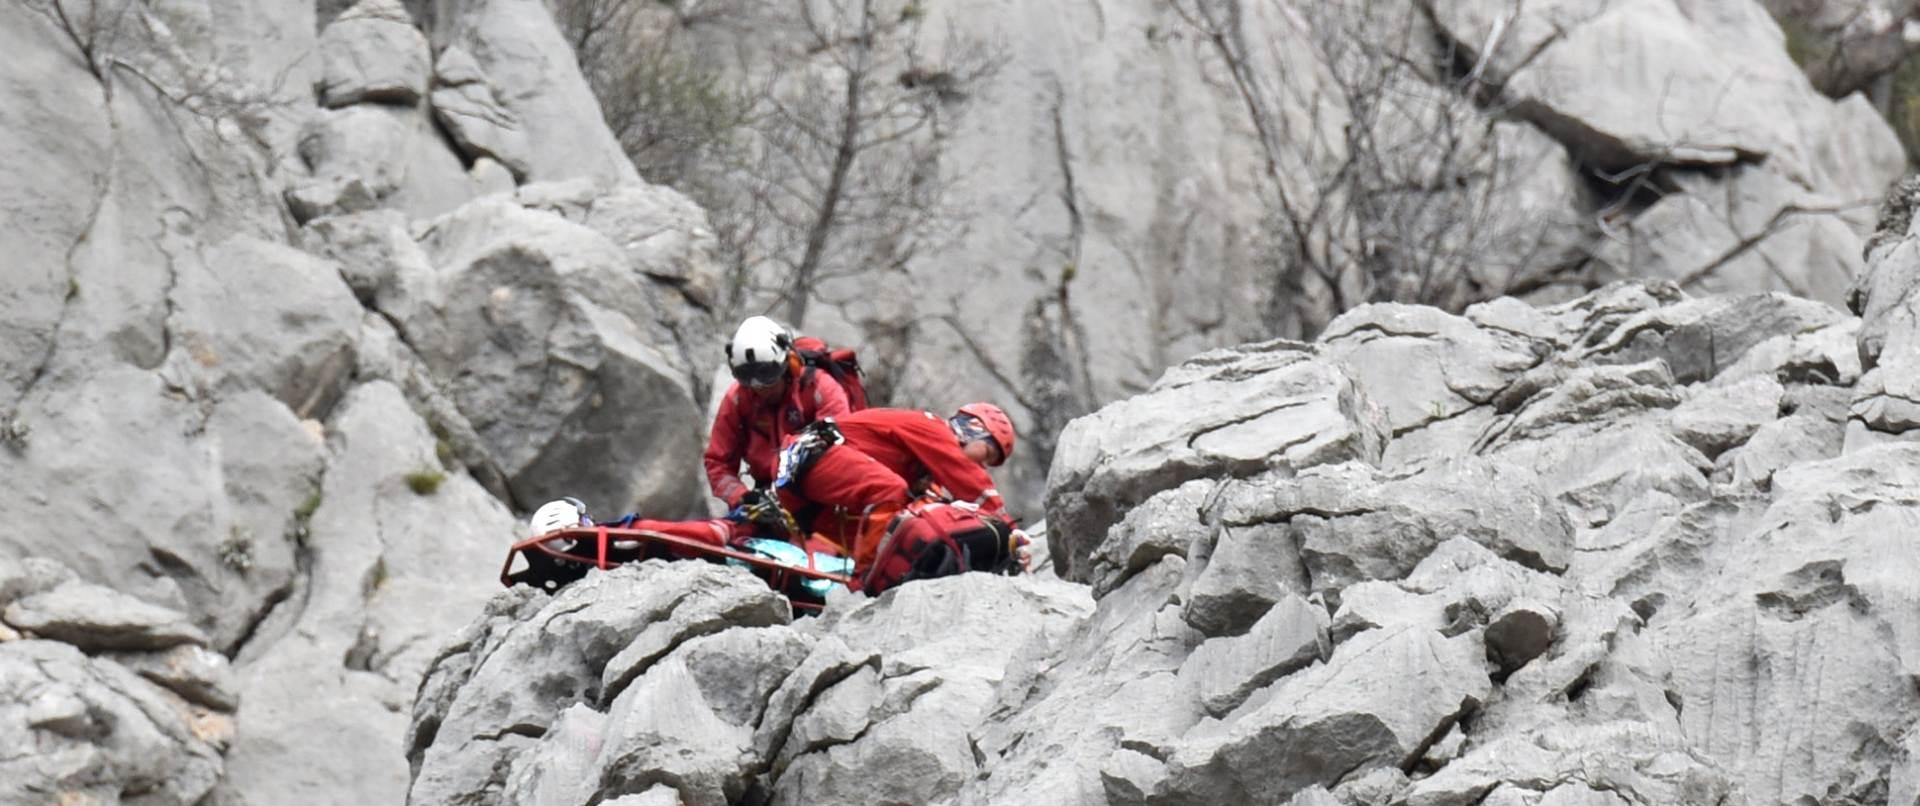 NESREĆA Penjačica poginula u kanjonu Velike Paklenice, penjač teško ozlijeđen